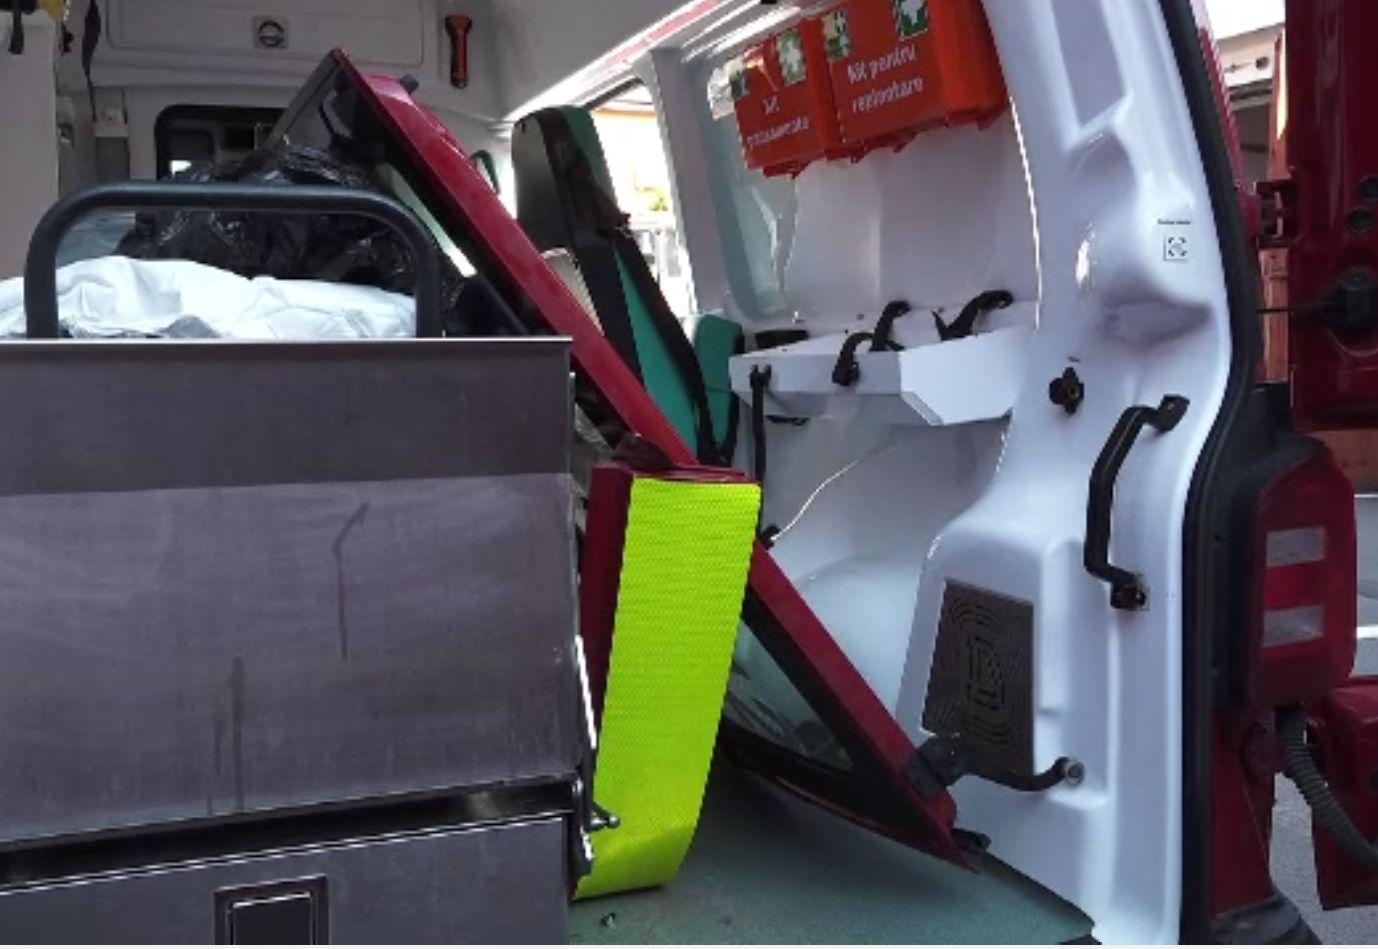 Paramedic atacat de soțul femeii pe care o pansa, la Târgu Mureș. Individul băut a smuls ușa ambulanței